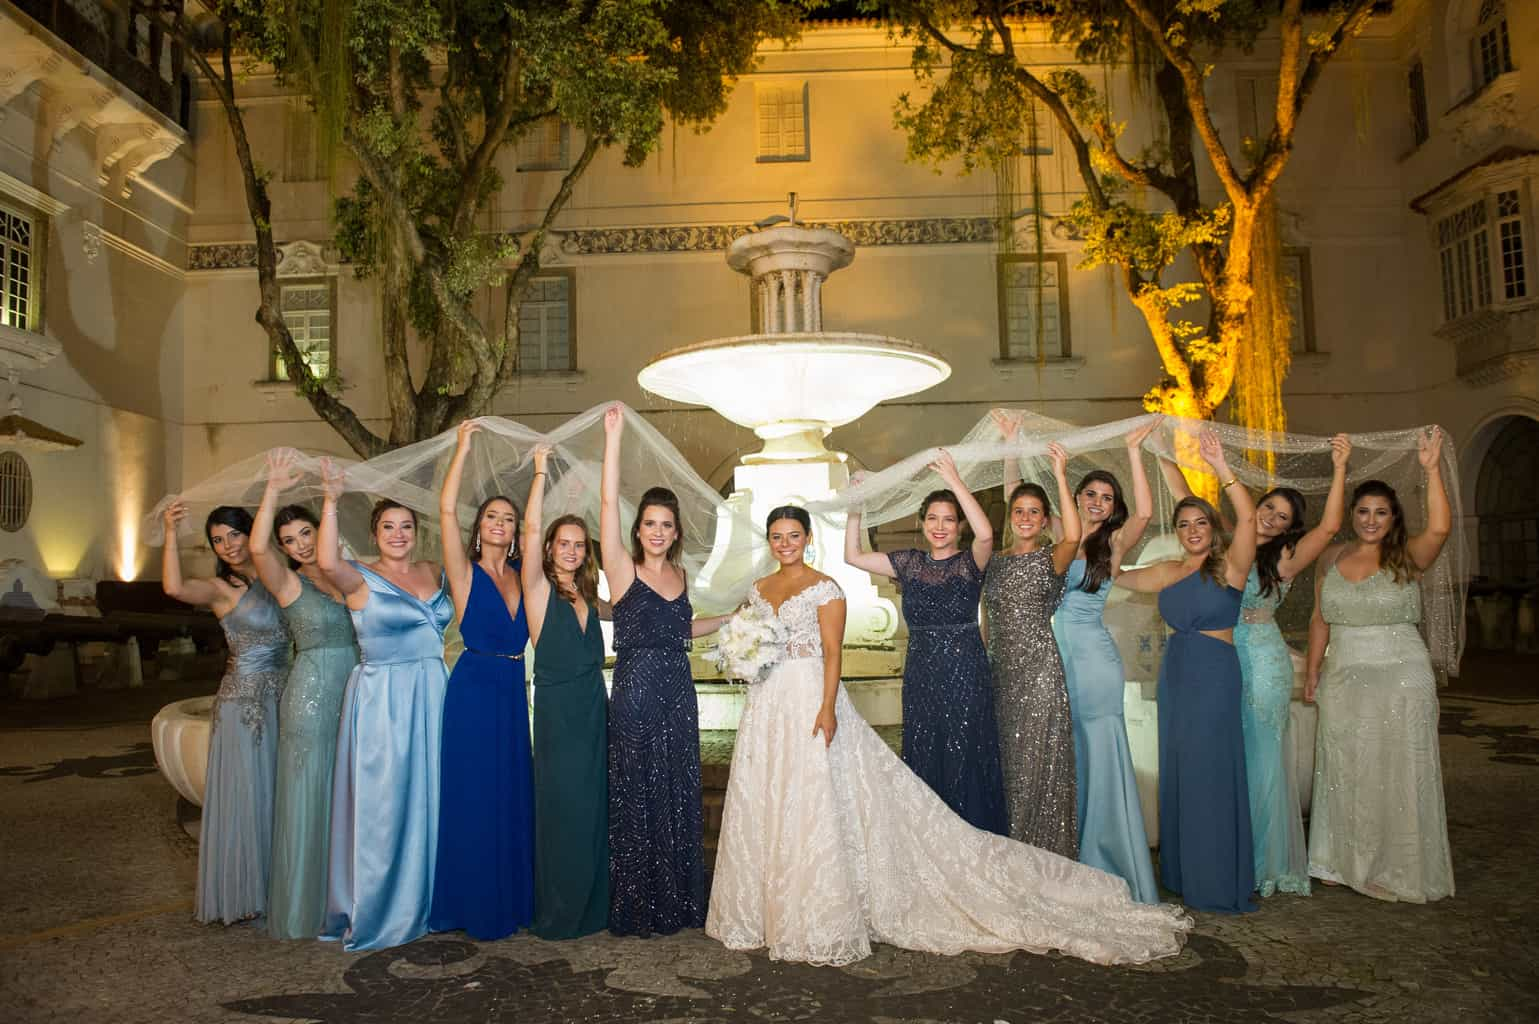 casamenot-Carolina-e-Thiago-casamento-clássico-Rio-de-Janeiro-Fotografia-Marina-Fava9